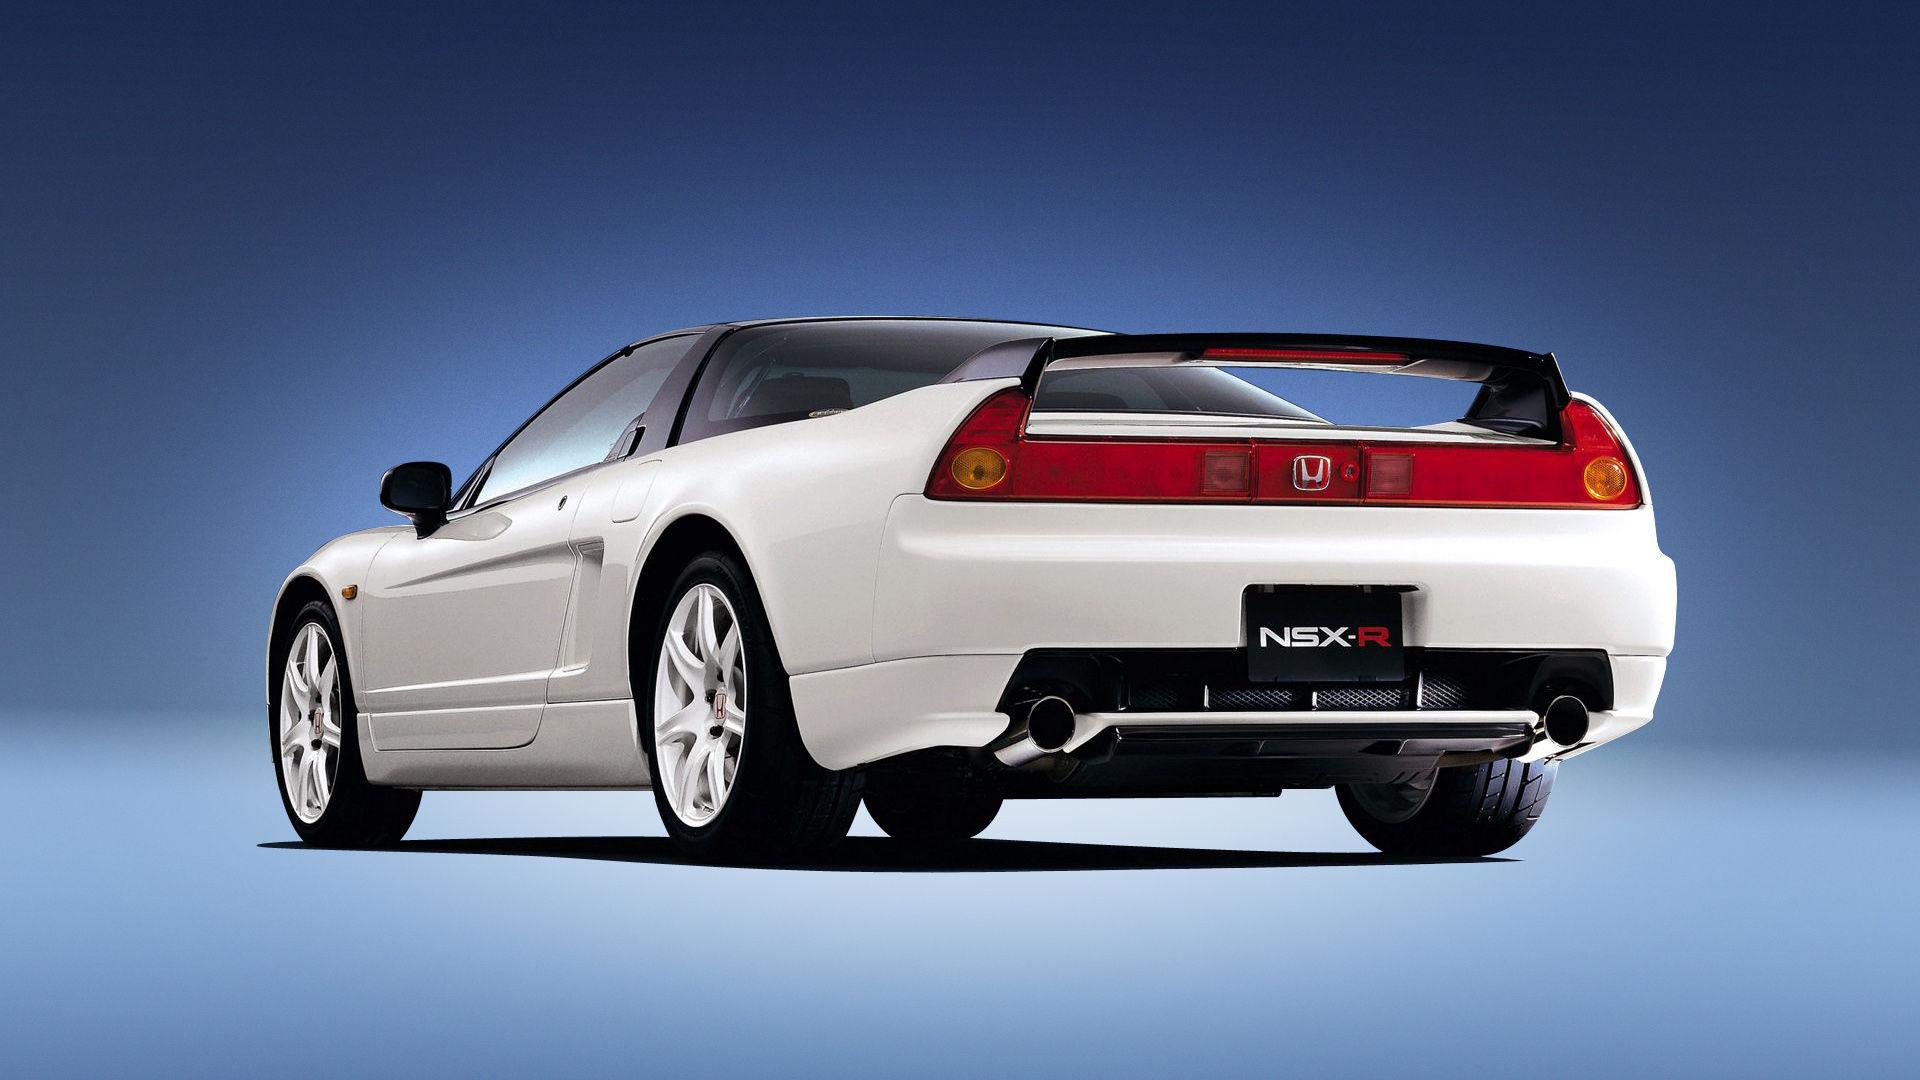 2004 Honda Nsx R Wallpaper